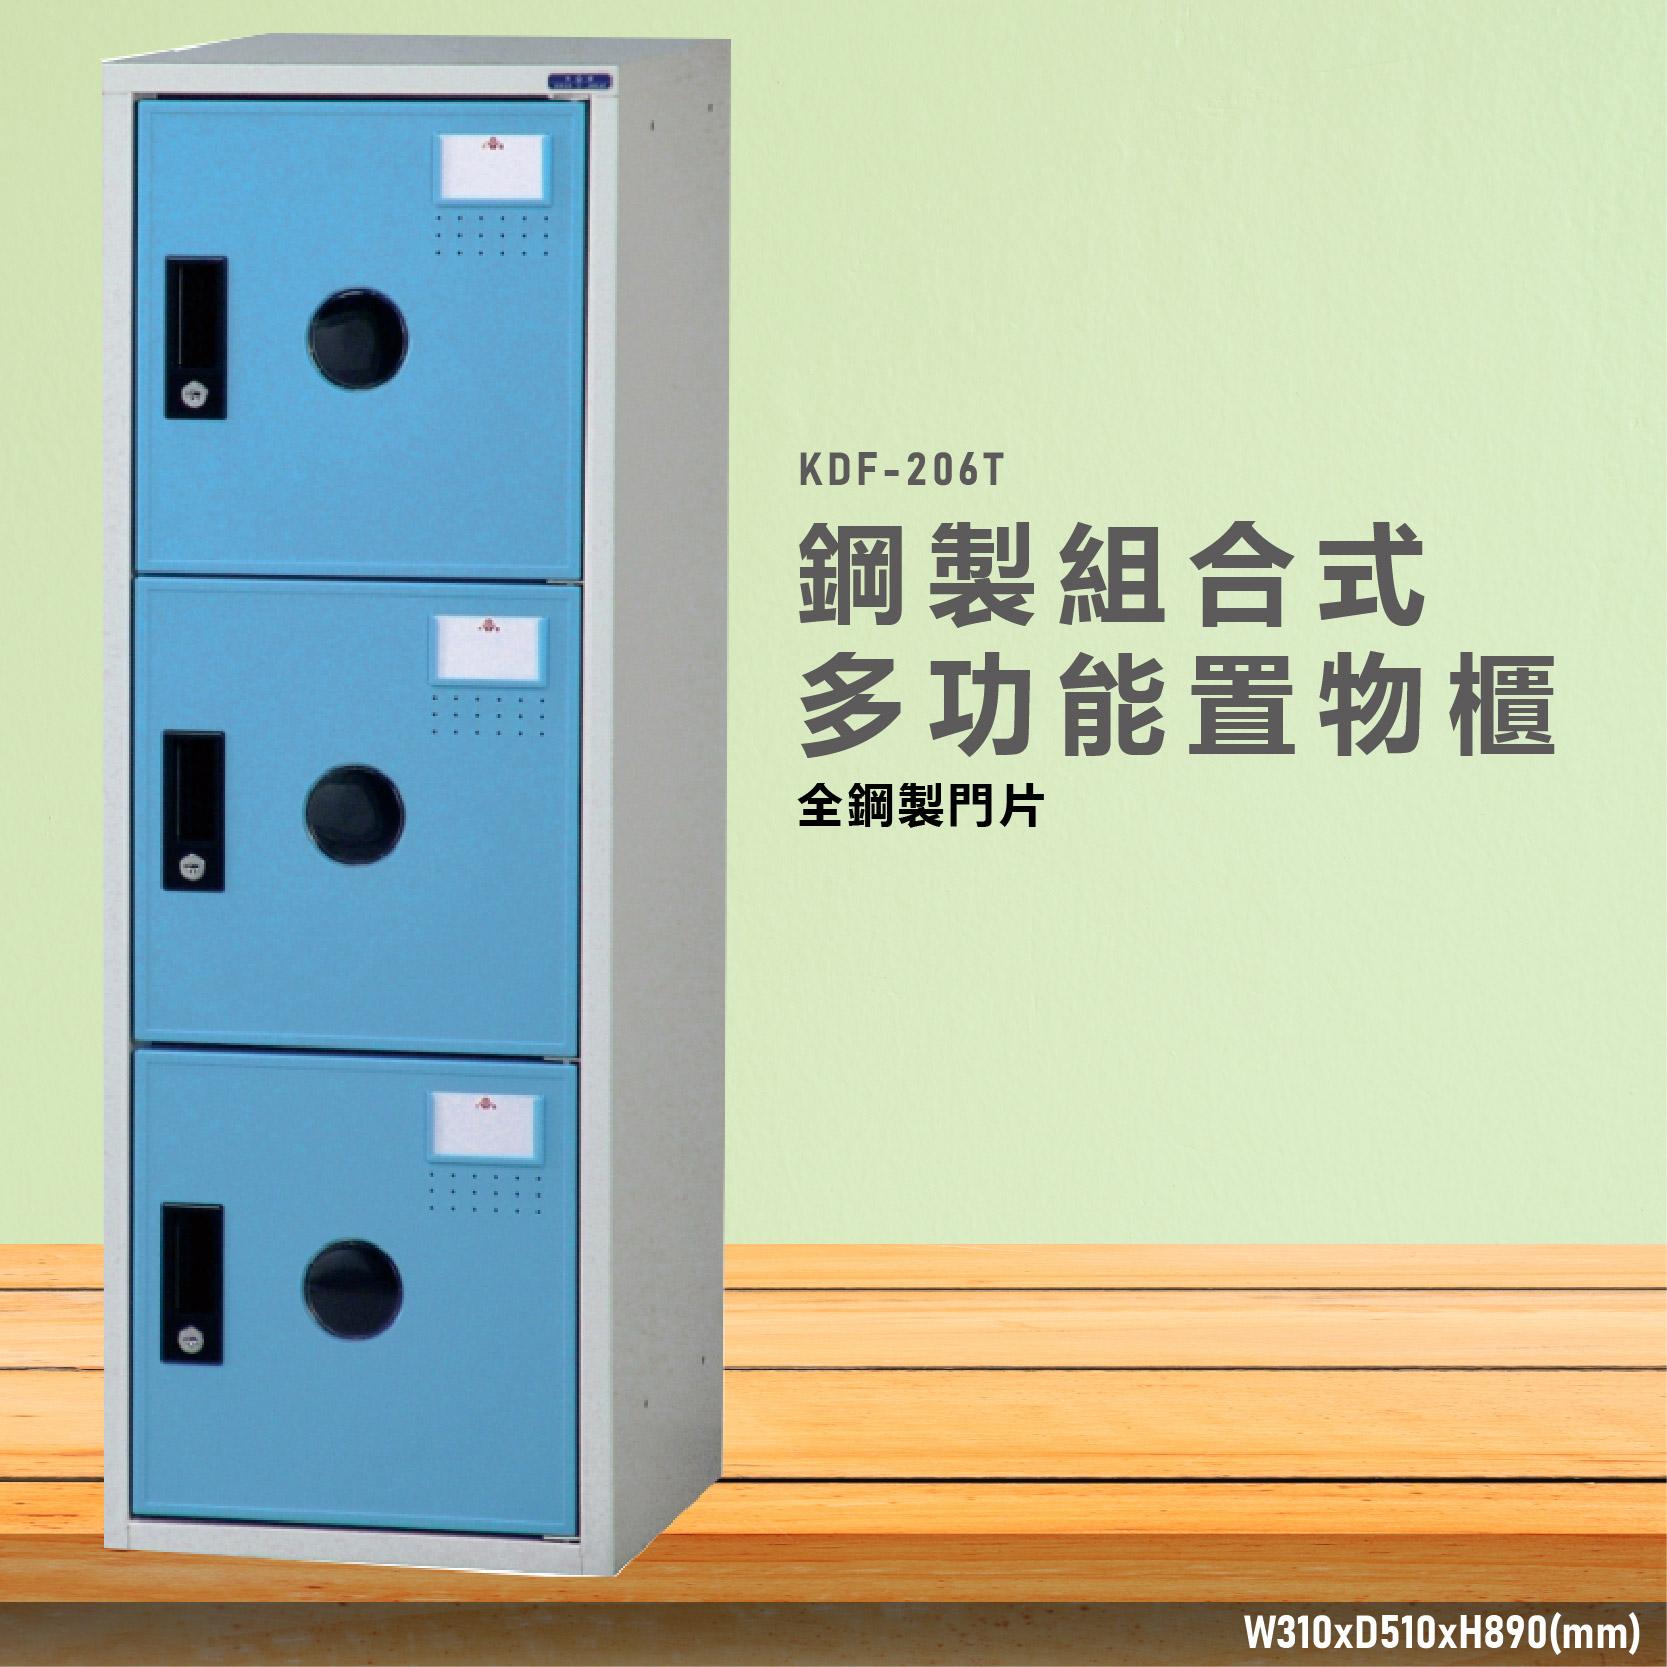 『逮丸NO.1』KDF-206TC【大富】多用途鋼製組合式置物櫃 衣櫃 鞋櫃 置物櫃 零件存放分類 任意組合櫃子